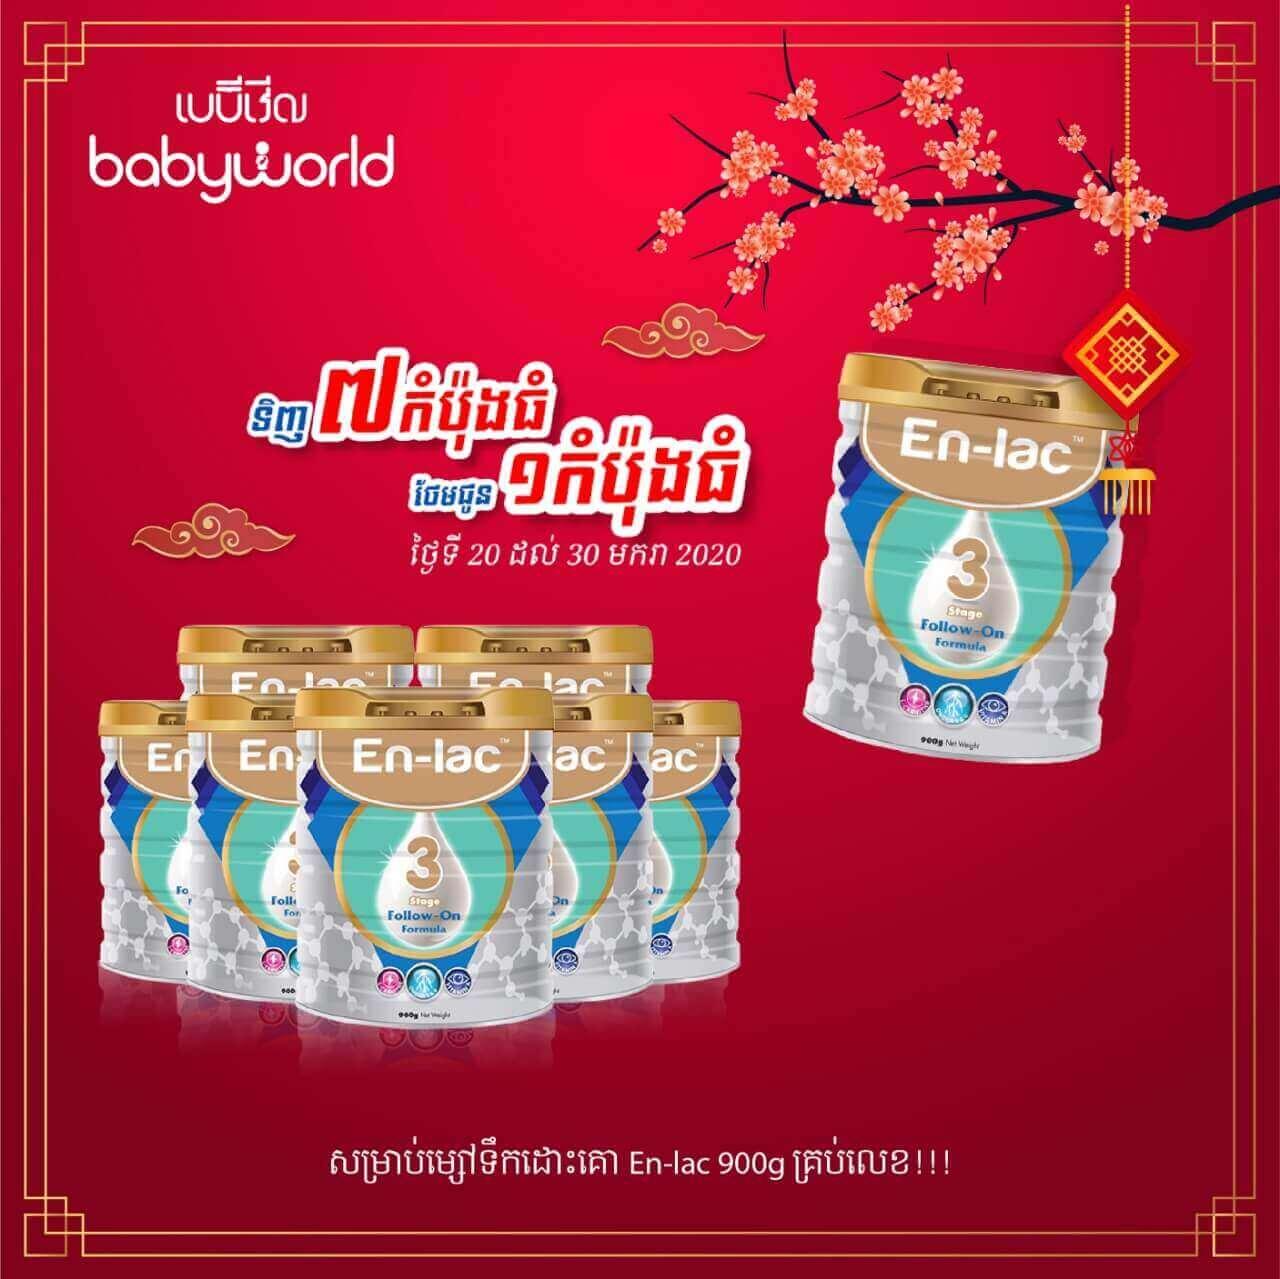 Buy En-lac (900g) 7 big cans get free...